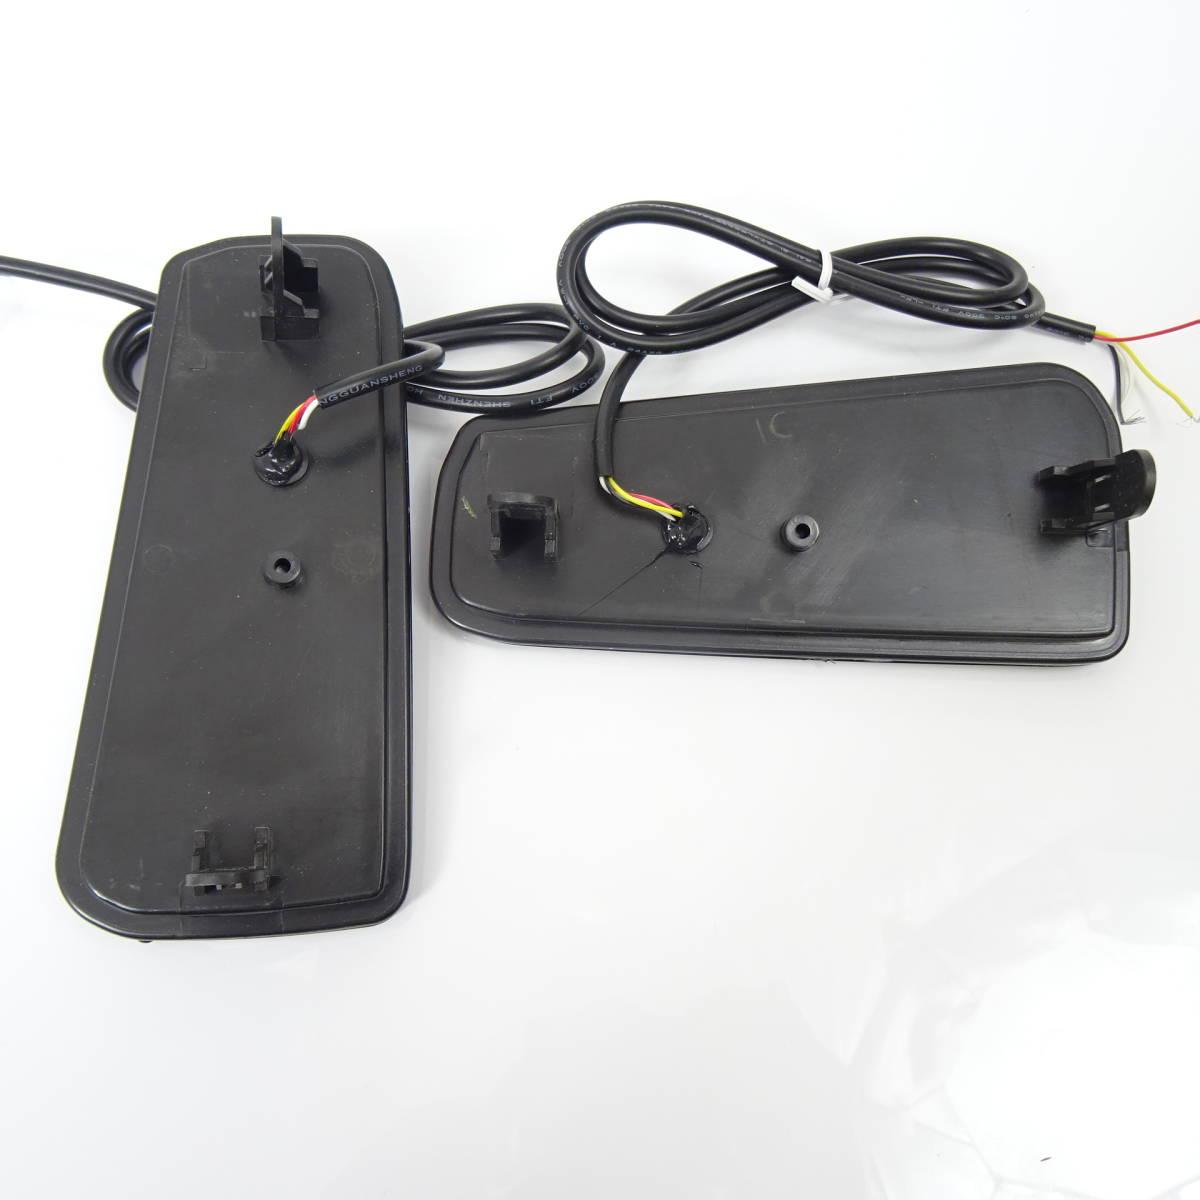 スモーク 流れる ファイバー LED リフレクター リアバンパー ライト ランプ シーケンシャルウインカー アルファード30 ヴェルファイア30 _画像2